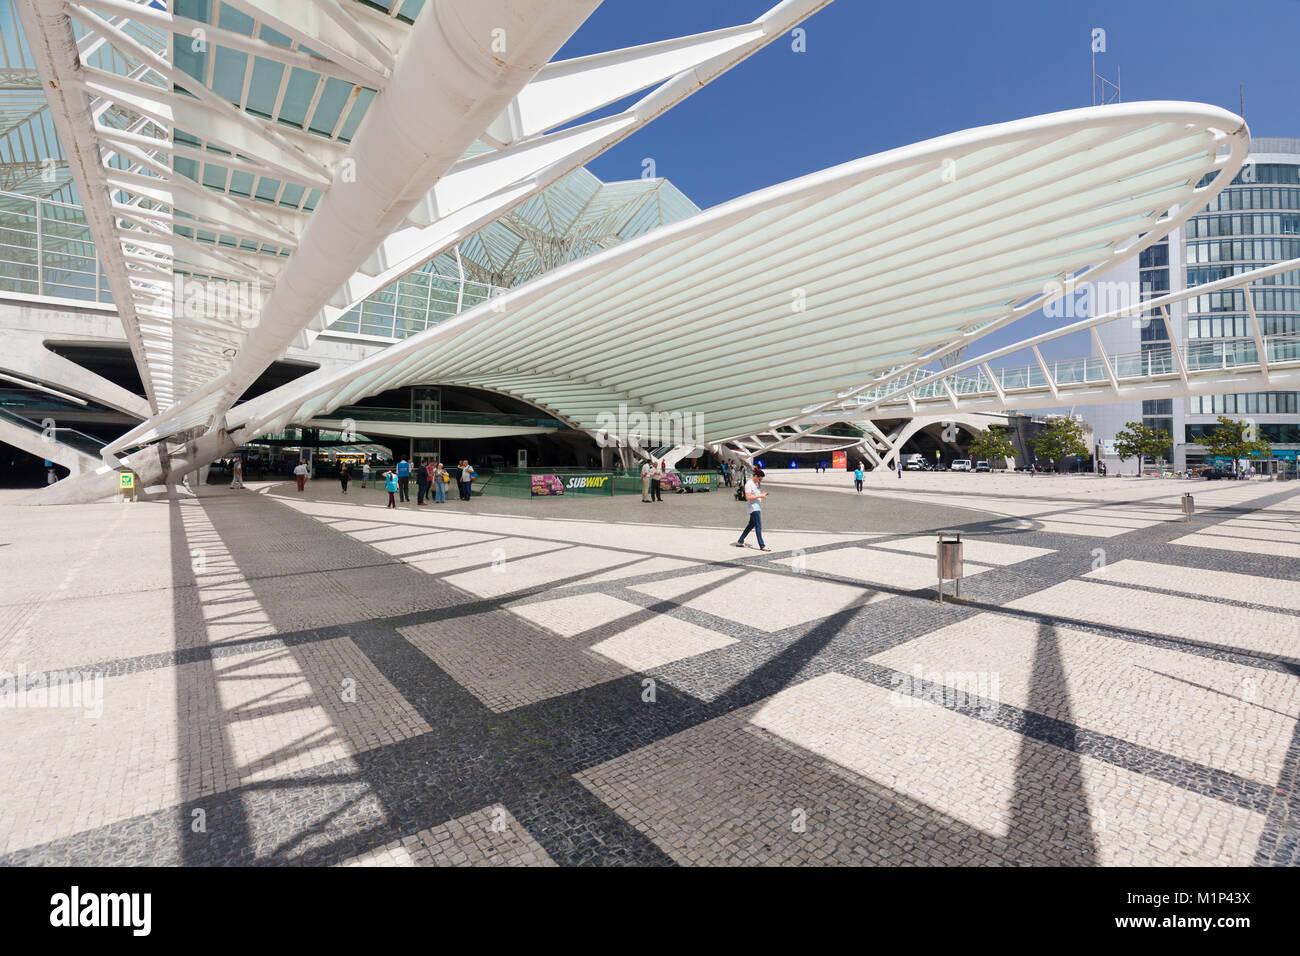 Estación de ferrocarril de Oriente, el arquitecto Santiago Calatrava, Lisboa, Portugal, Europa Imagen De Stock